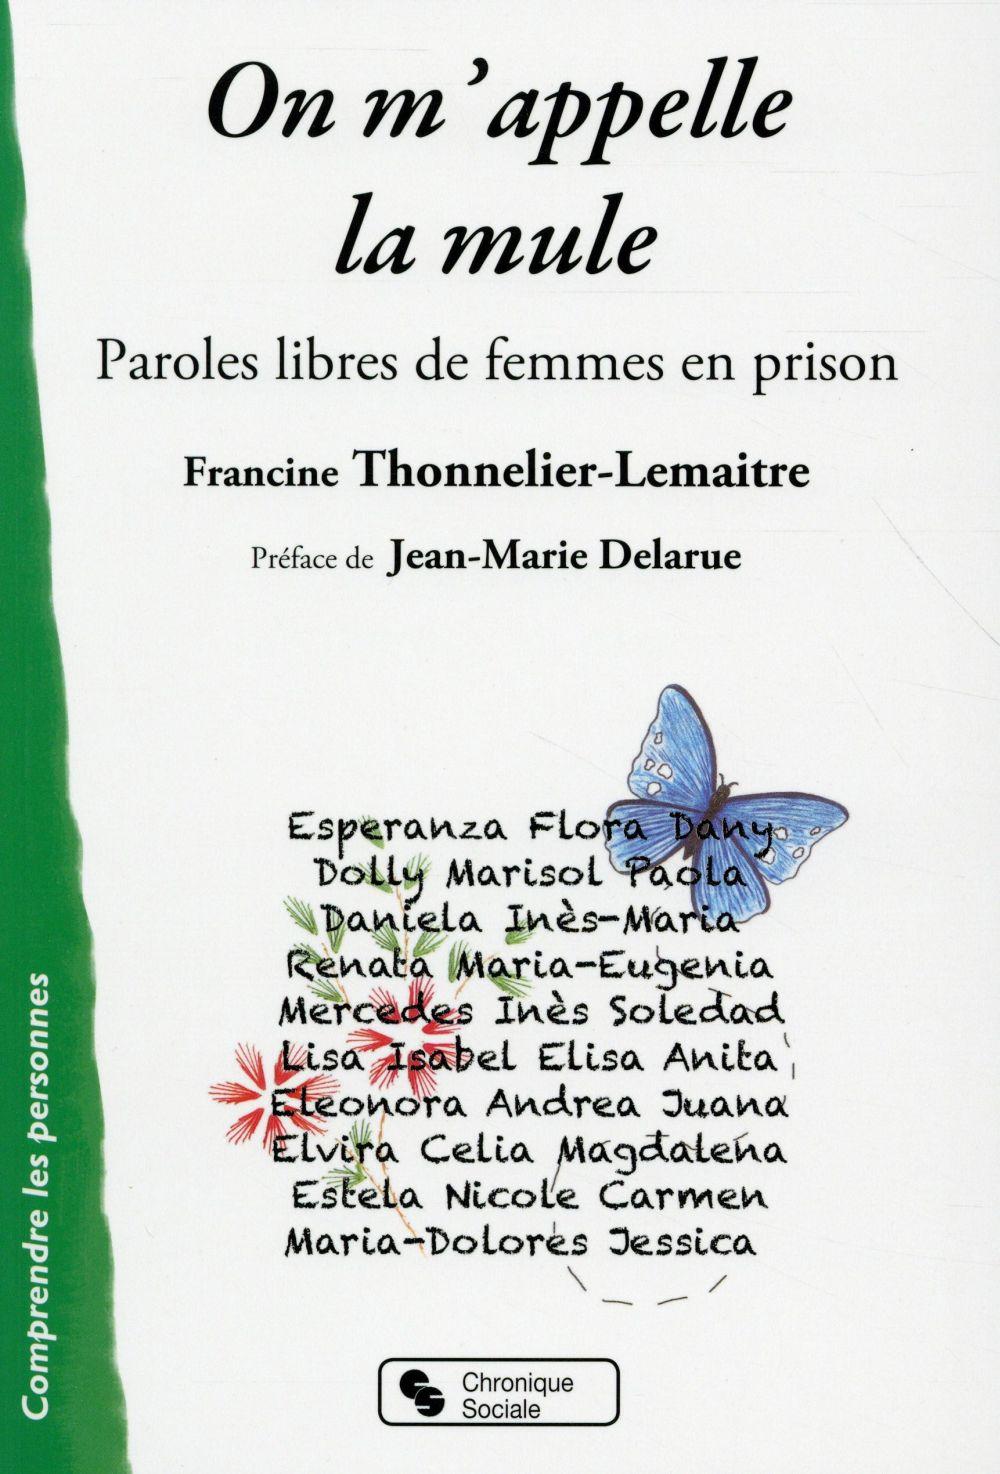 Dédicace rencontre et présentation Francine Thonnelier Lemaitre